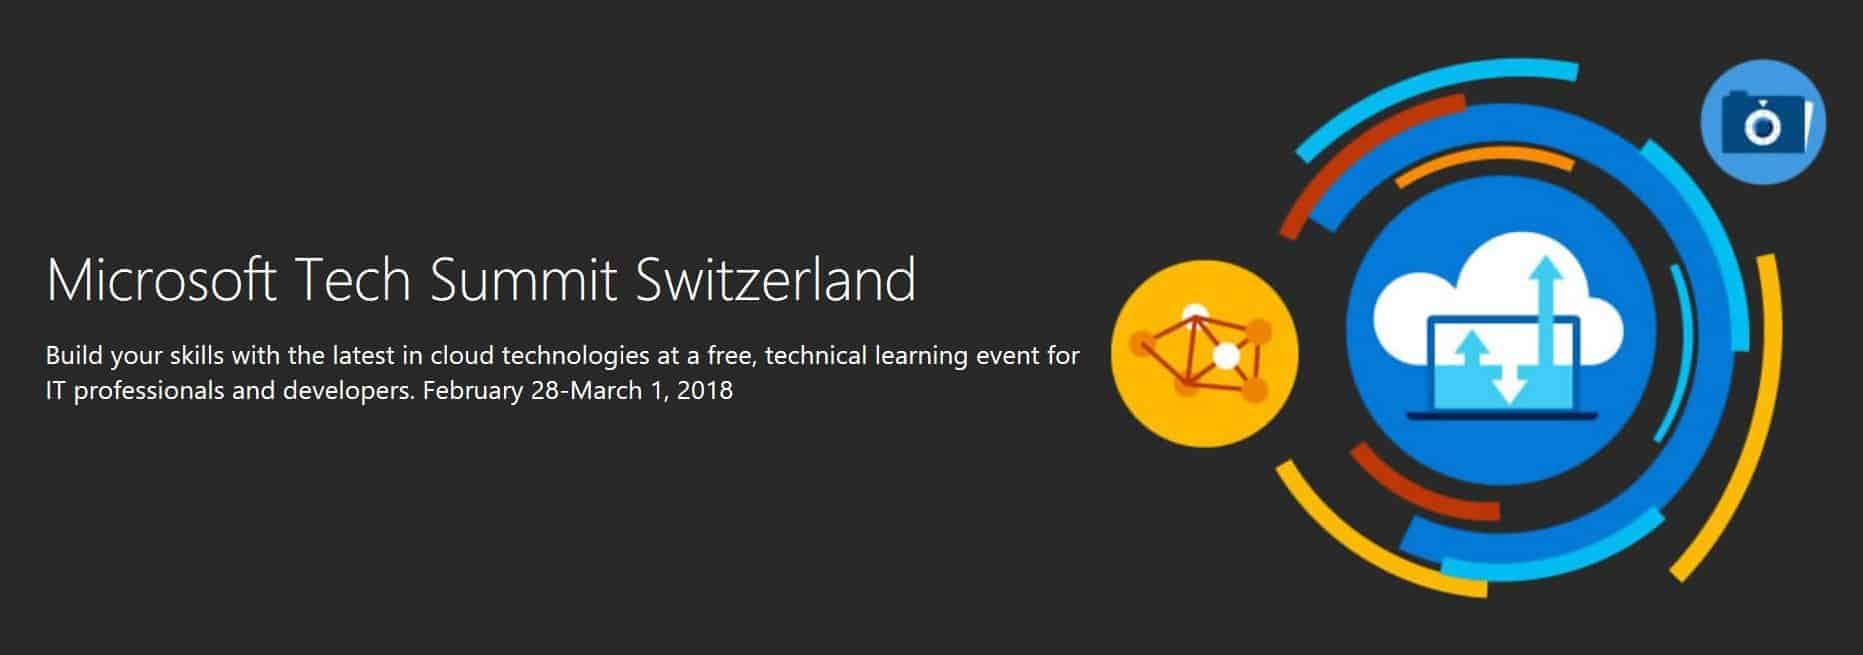 Microsoft Tech Summit 2018 Switzerland